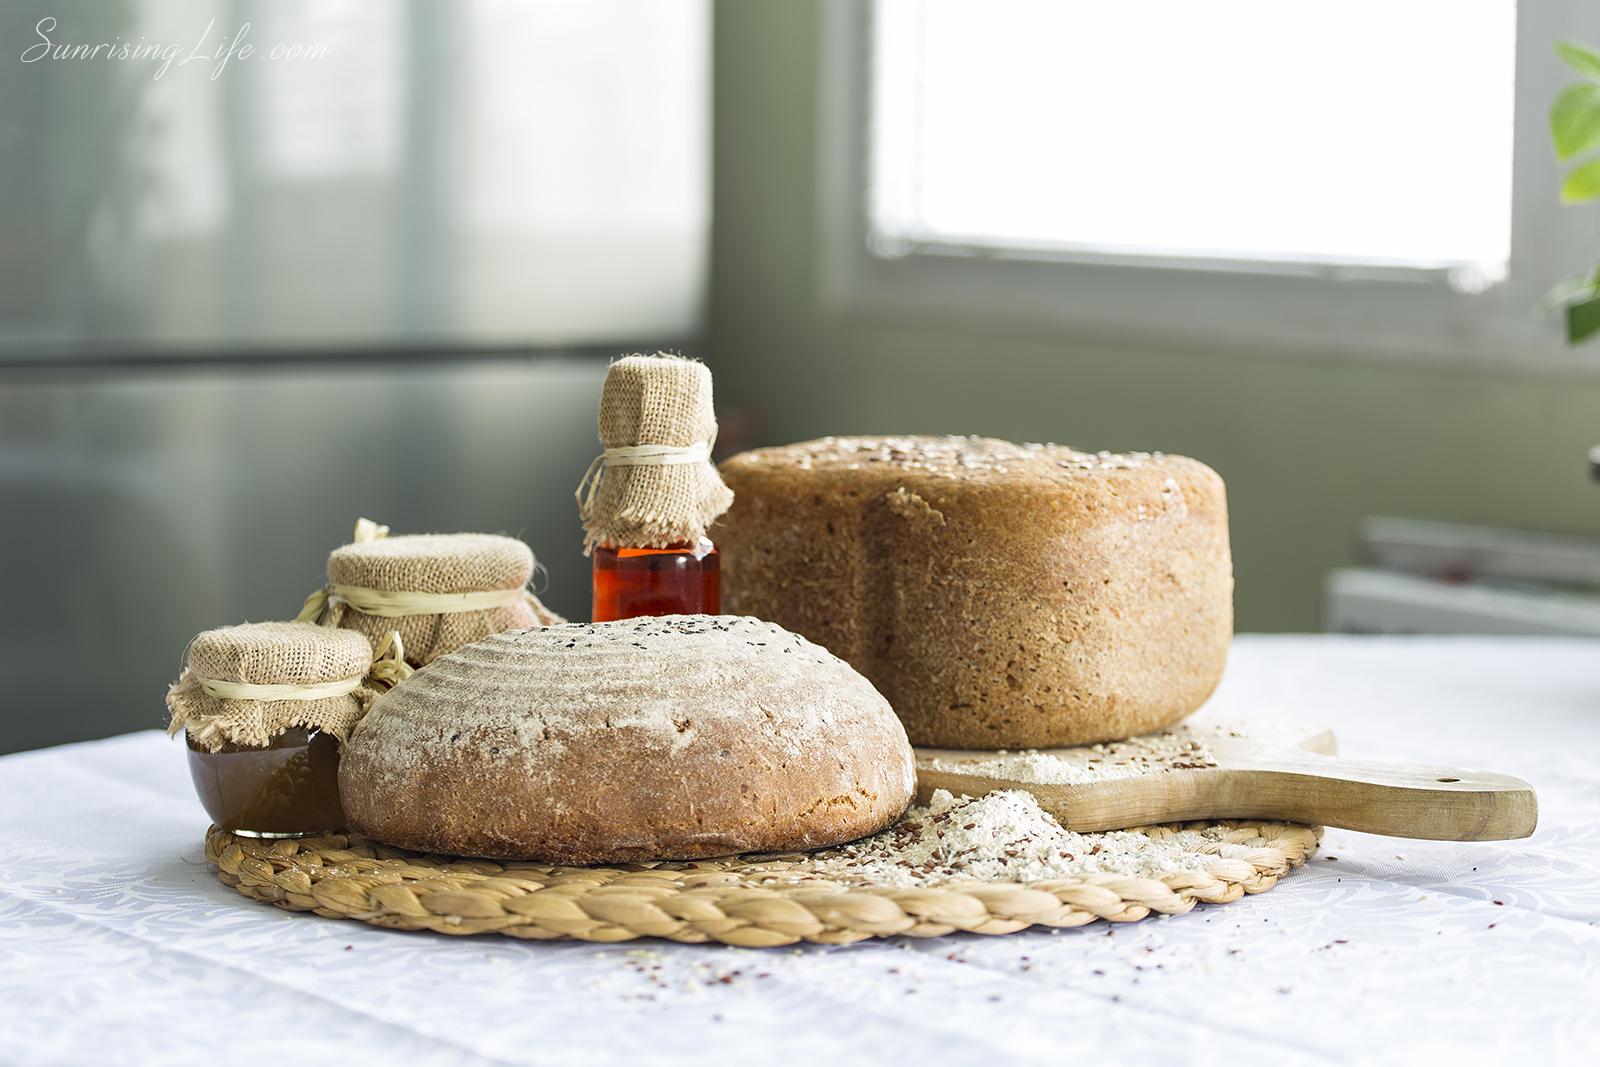 Eincorn bread